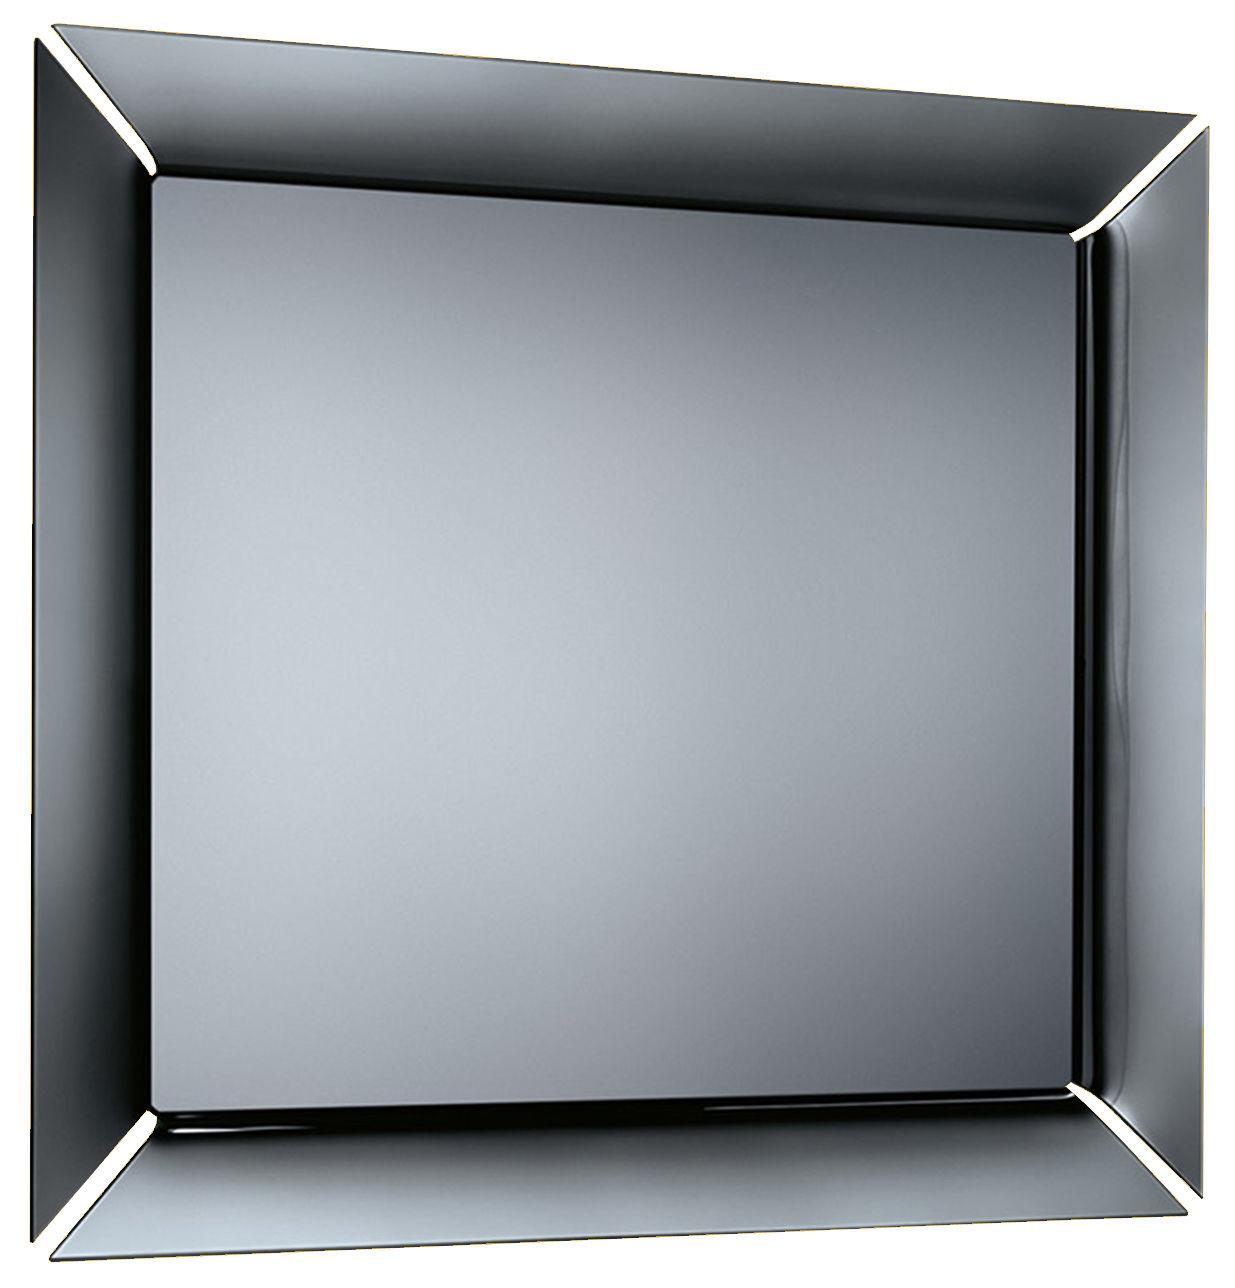 Miroir caadre tv t l viseur ecran lcd 42 pouces sony for Miroir philippe starck